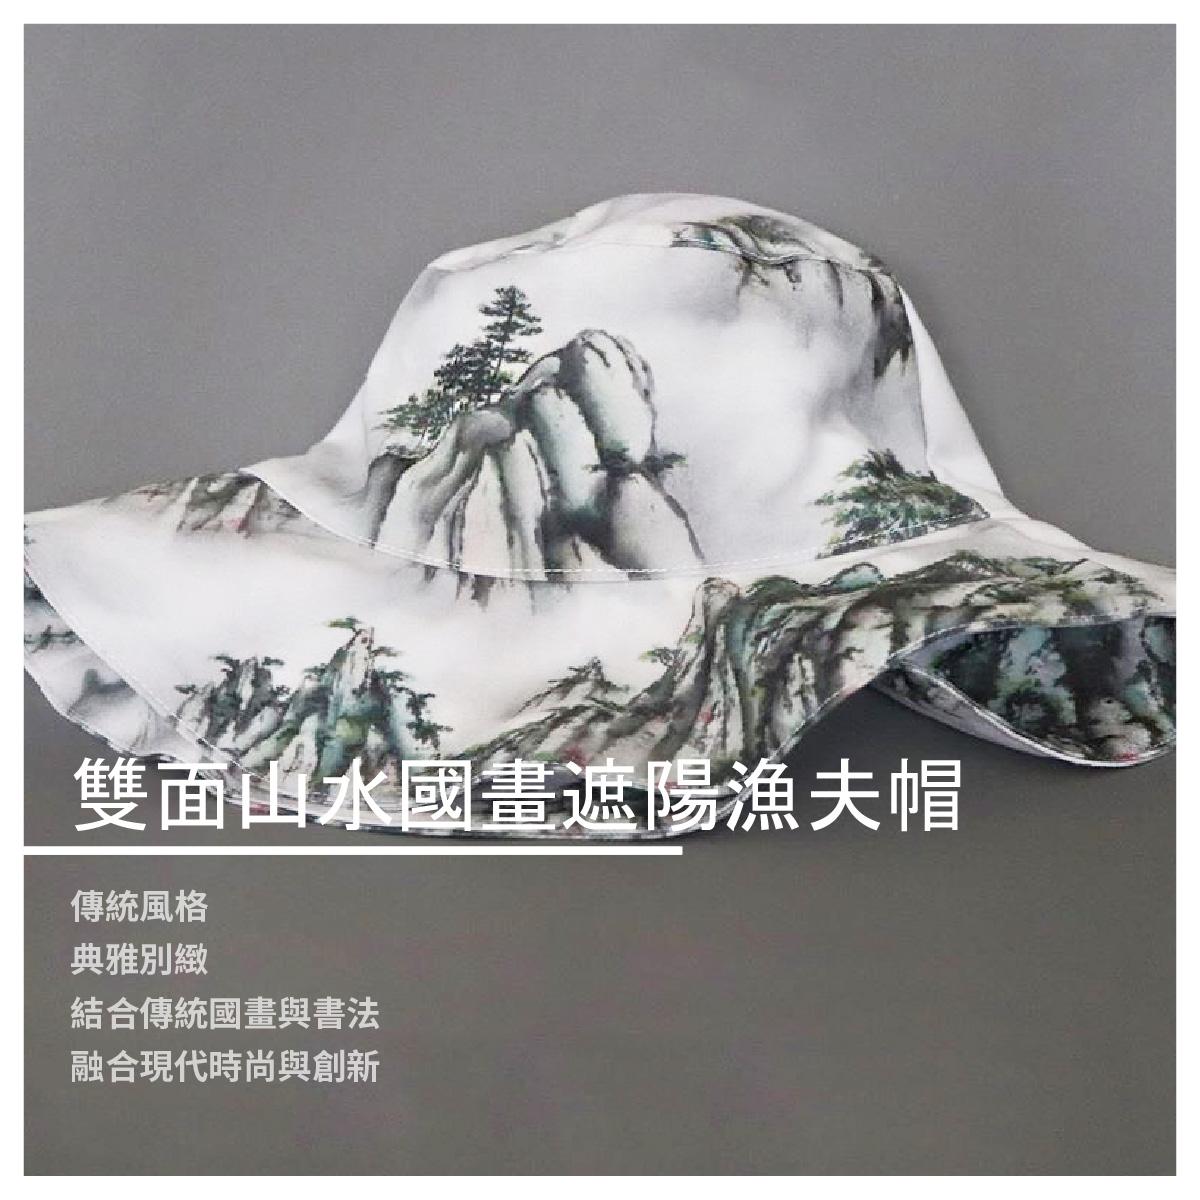 【羽扇賦】雙面山水國畫遮陽漁夫帽 100%純手工台灣製作